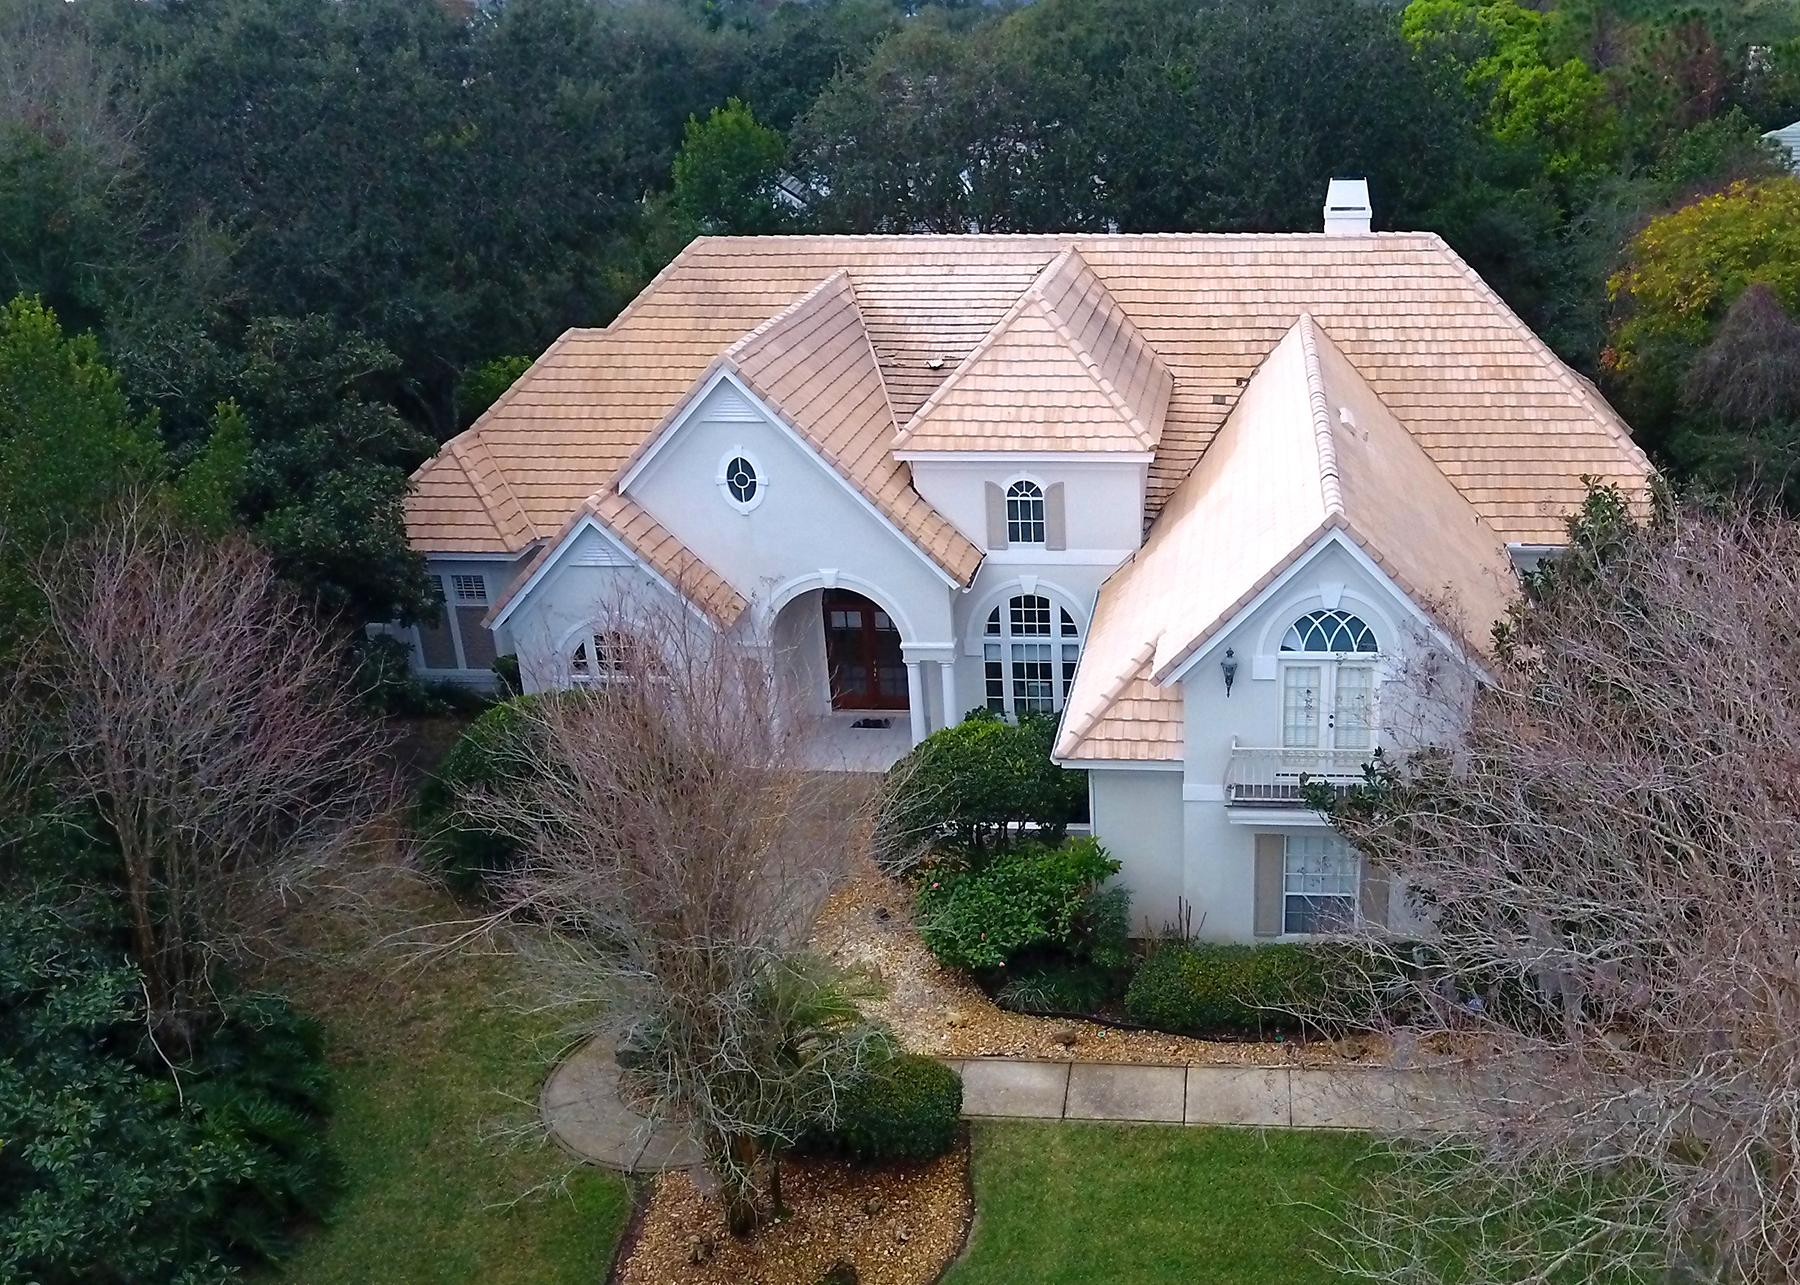 独户住宅 为 销售 在 Orlando, Florida 9107 Great Heron Cir 奥兰多, 佛罗里达州, 32836 美国